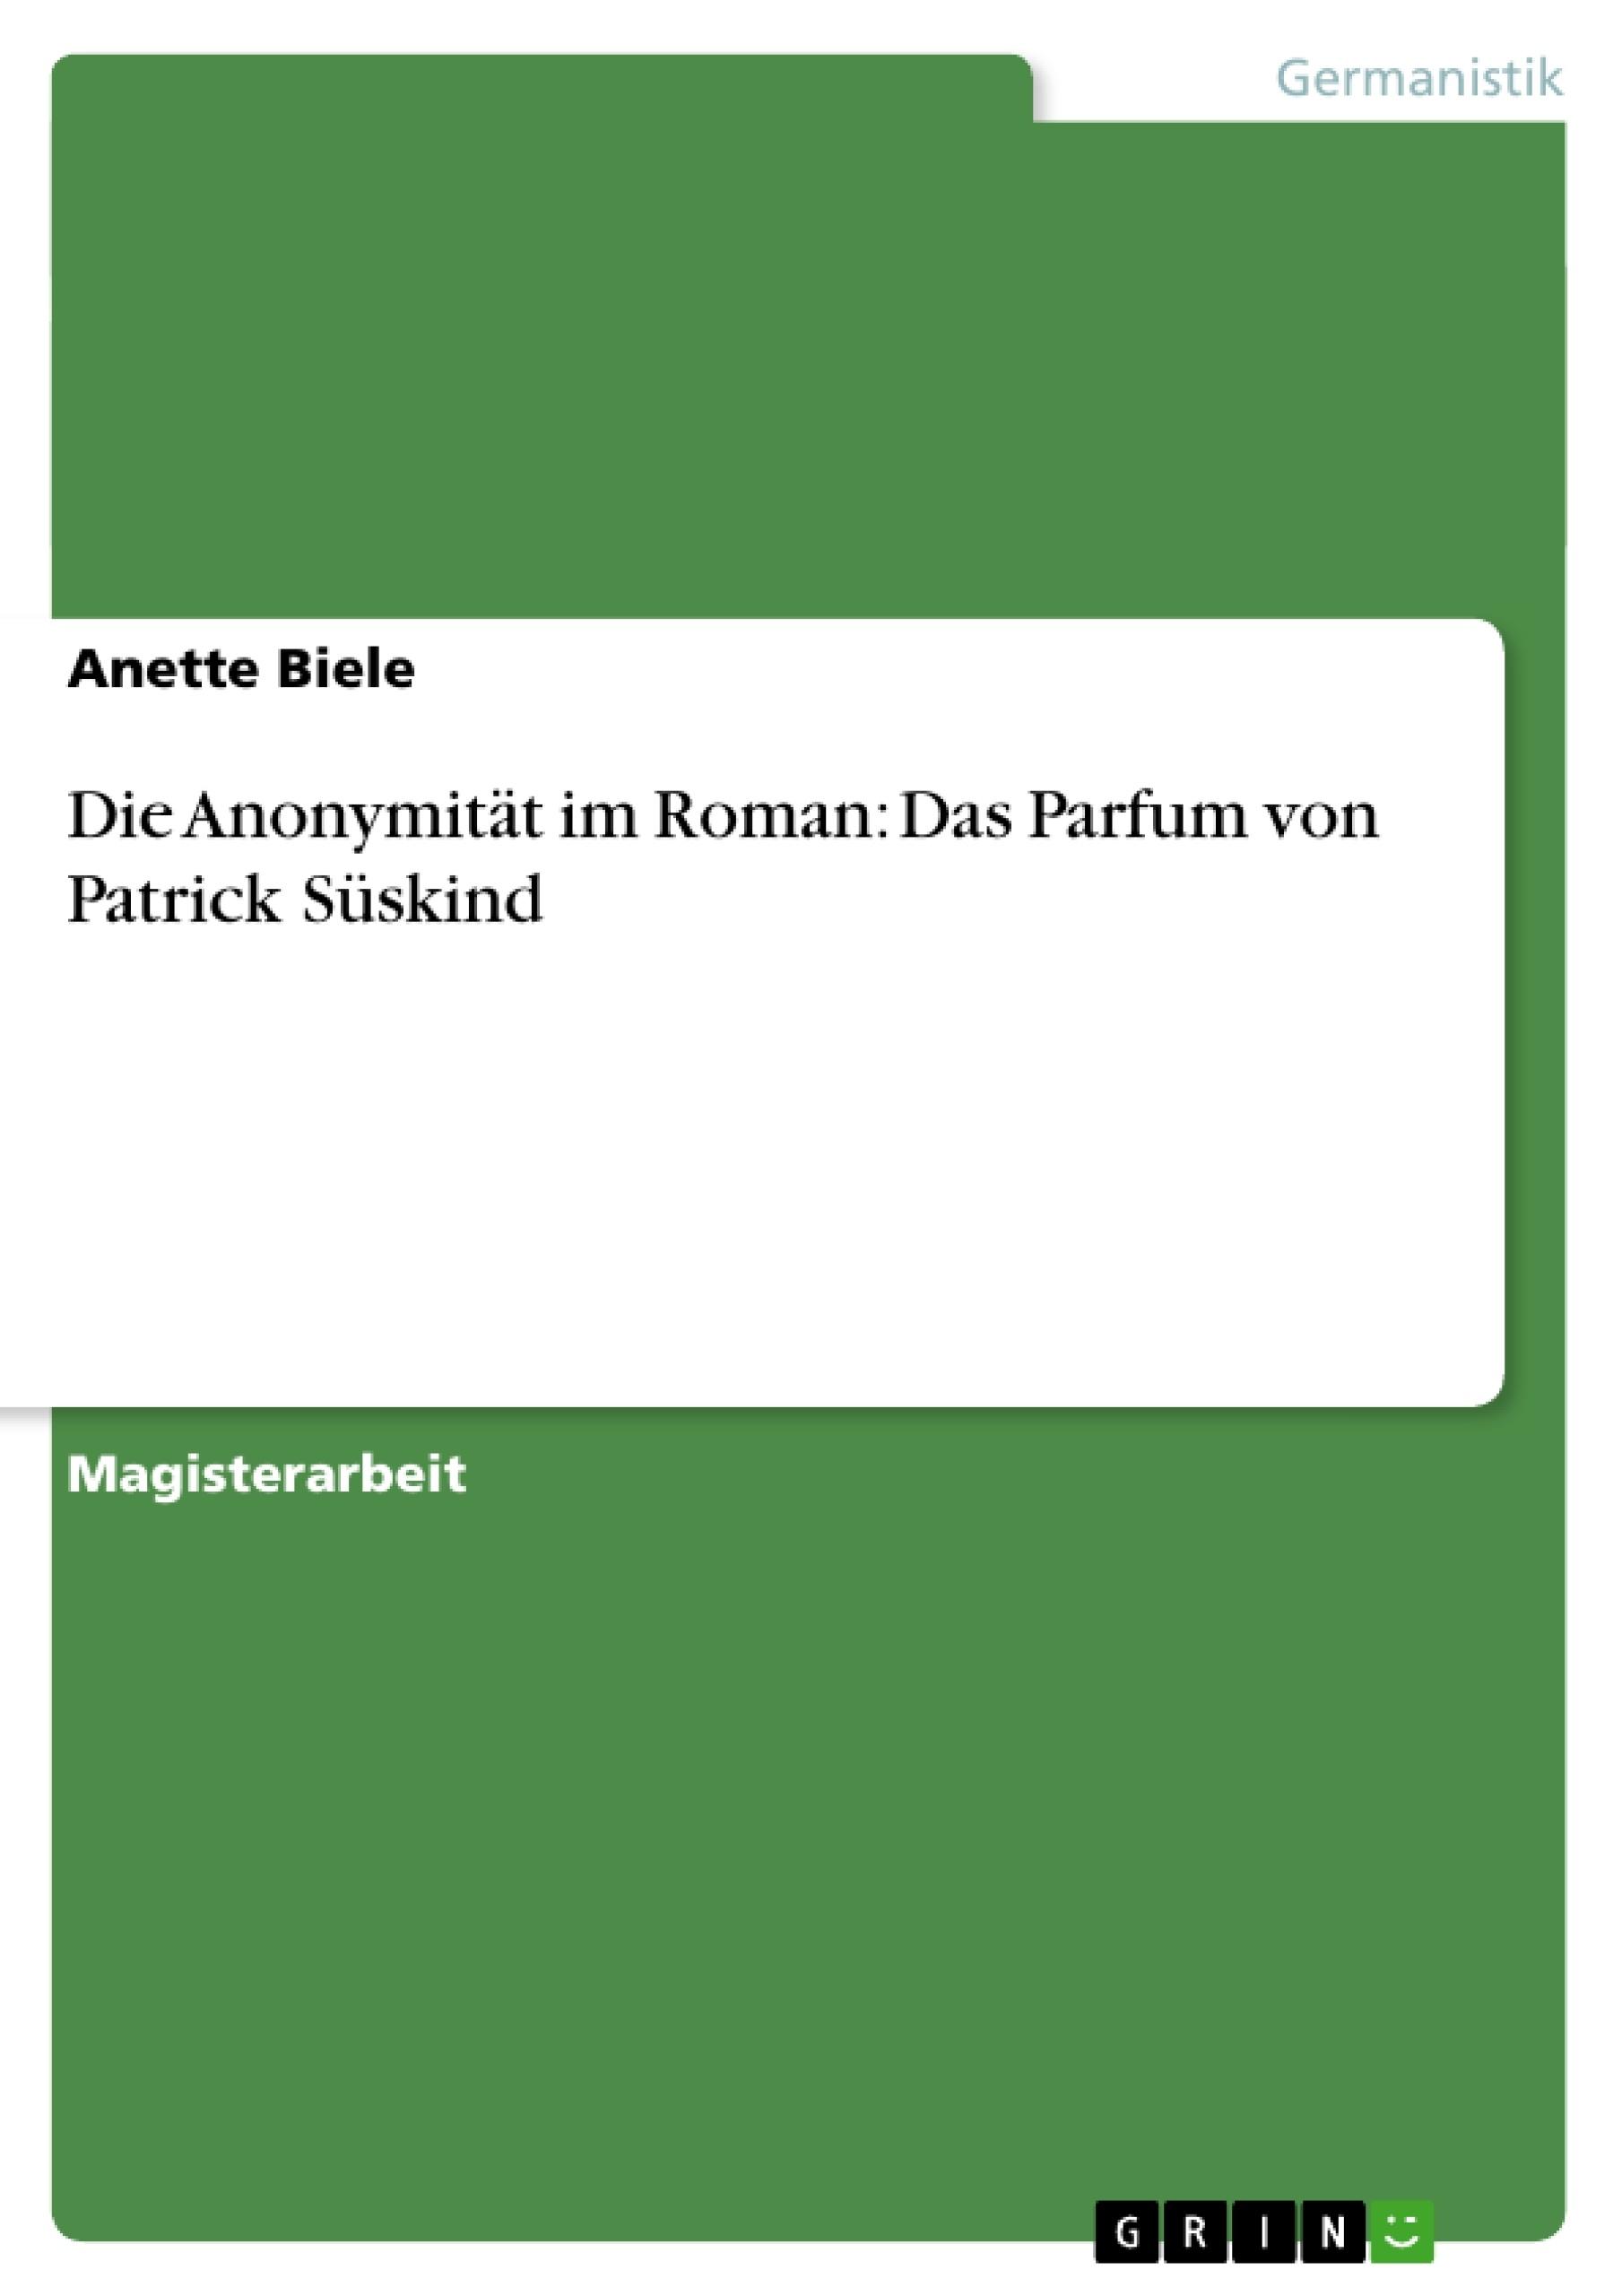 Titel: Die Anonymität im Roman: Das Parfum von Patrick Süskind